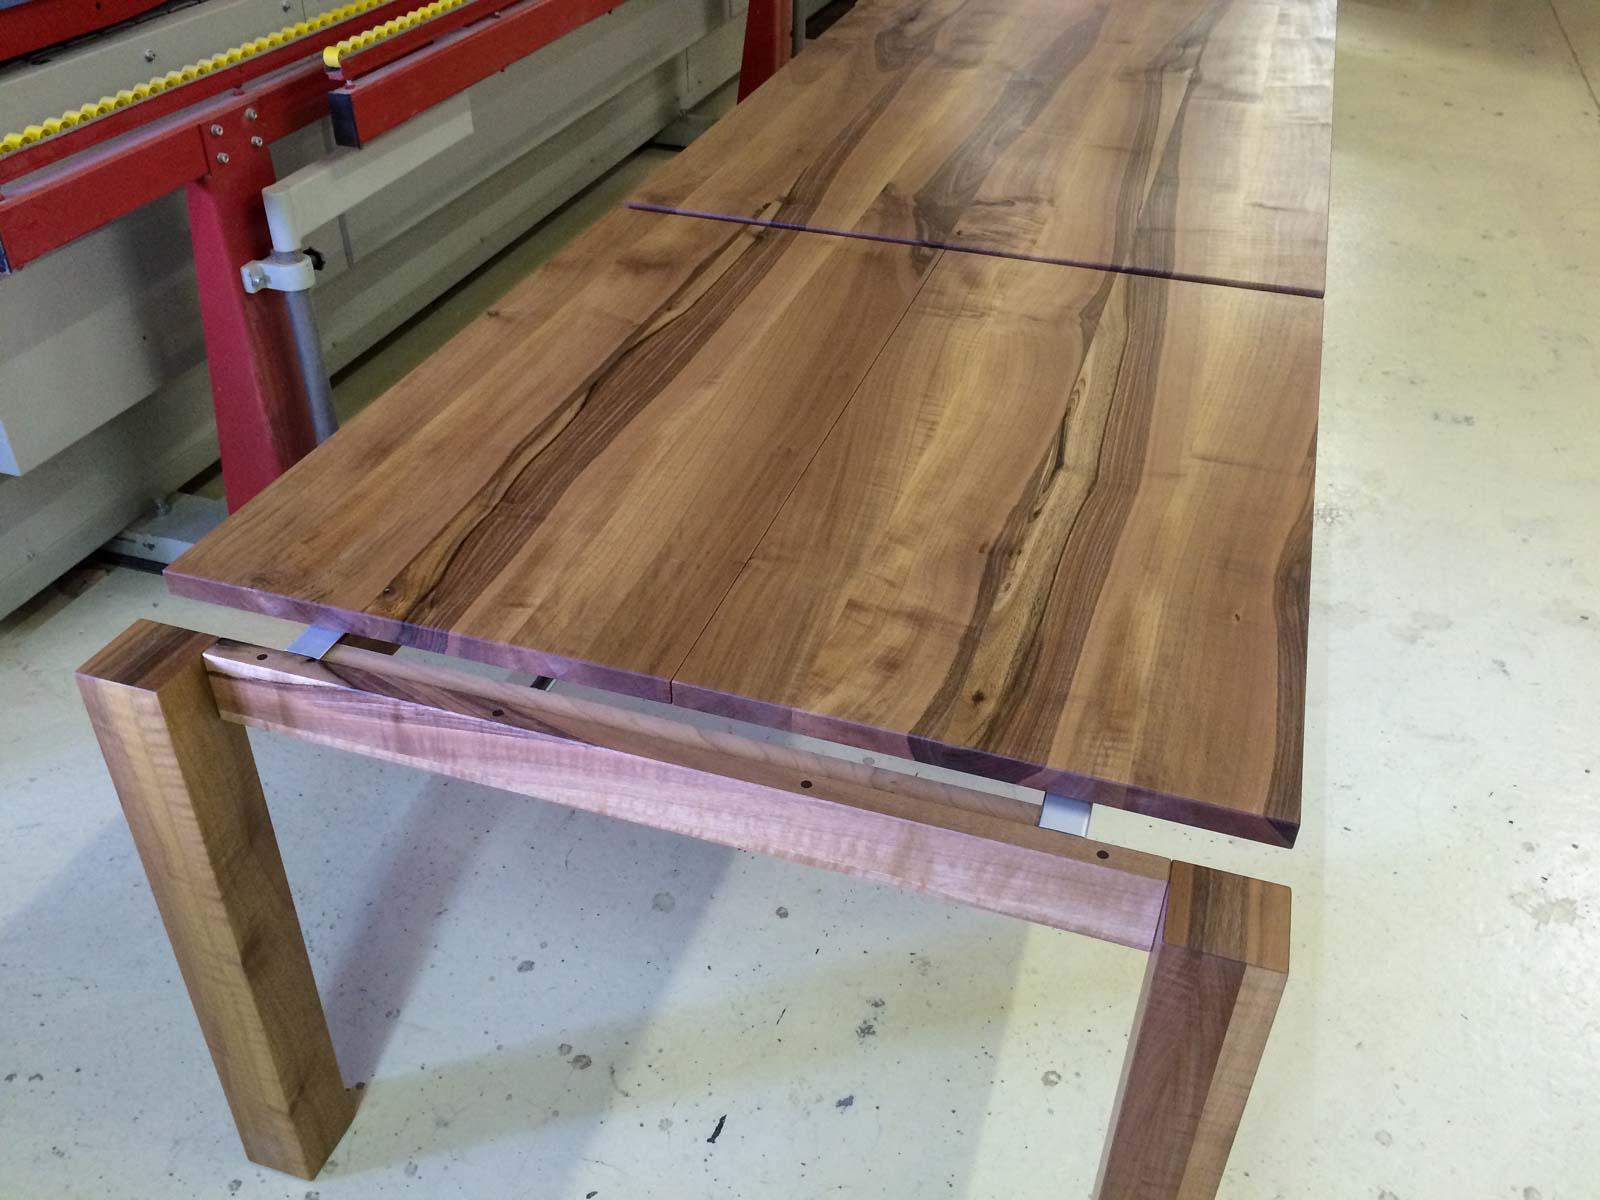 Wooddesign_Tisch ausziehbar_ Ausziehtisch_Tischverlängerung_Nussbaum massiv1 (4)